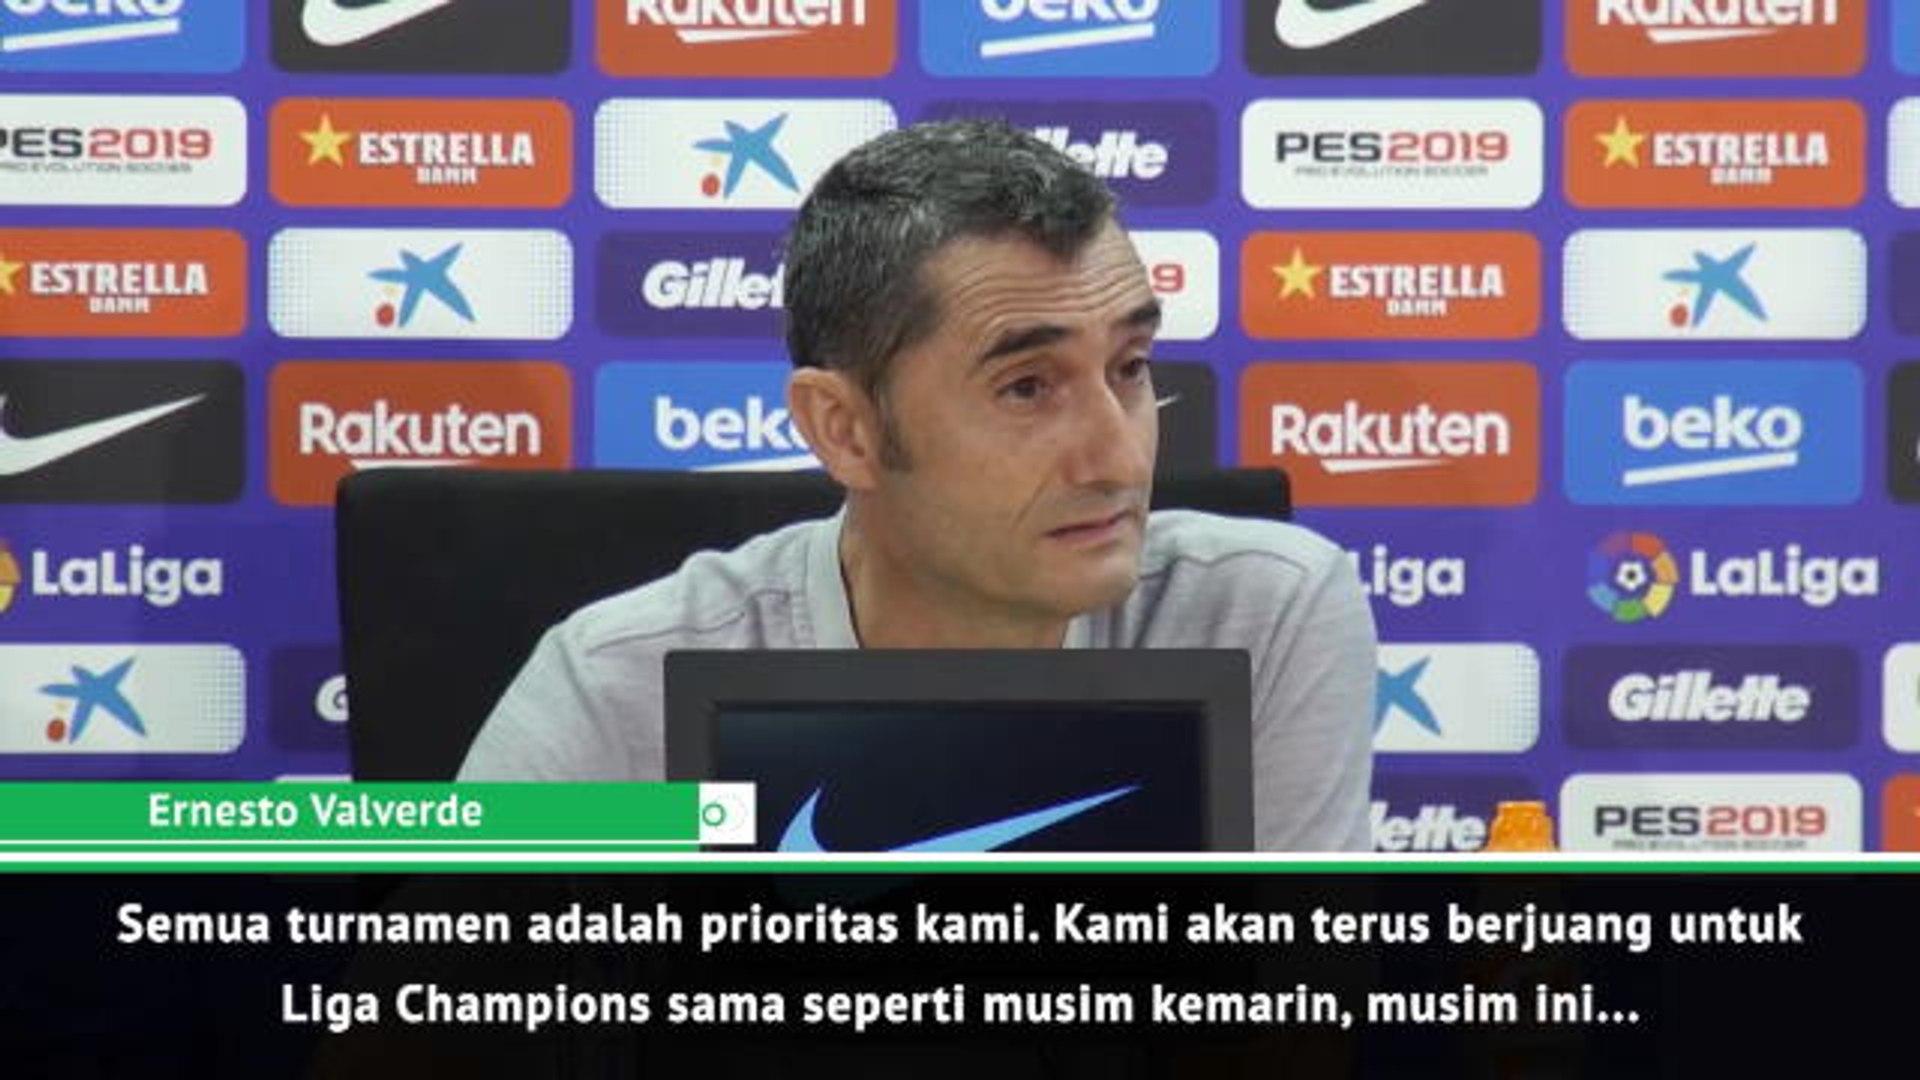 Kesuksesan di La Liga Akan Jadi Acuan Barca di Liga Champions - Valverde